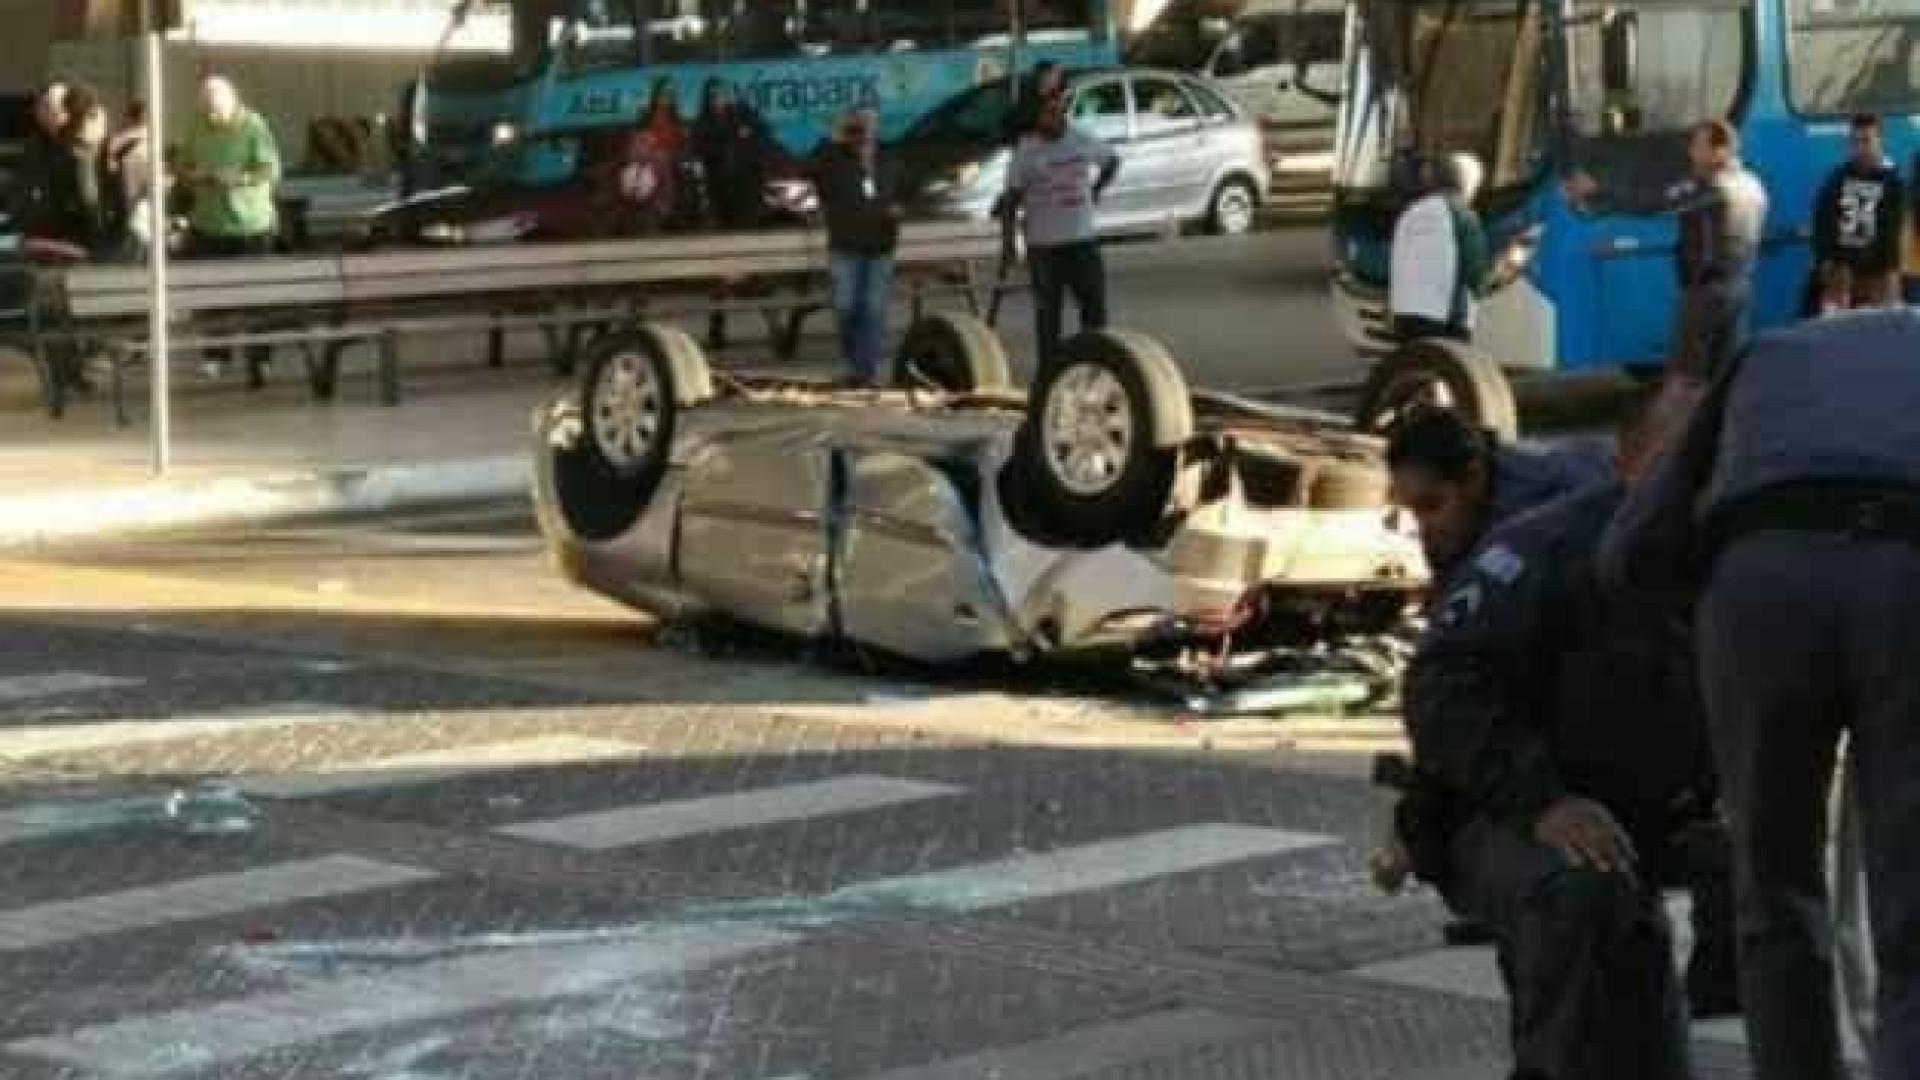 Mulheres morrem após carro cair de altura de 30 metros em aeroporto